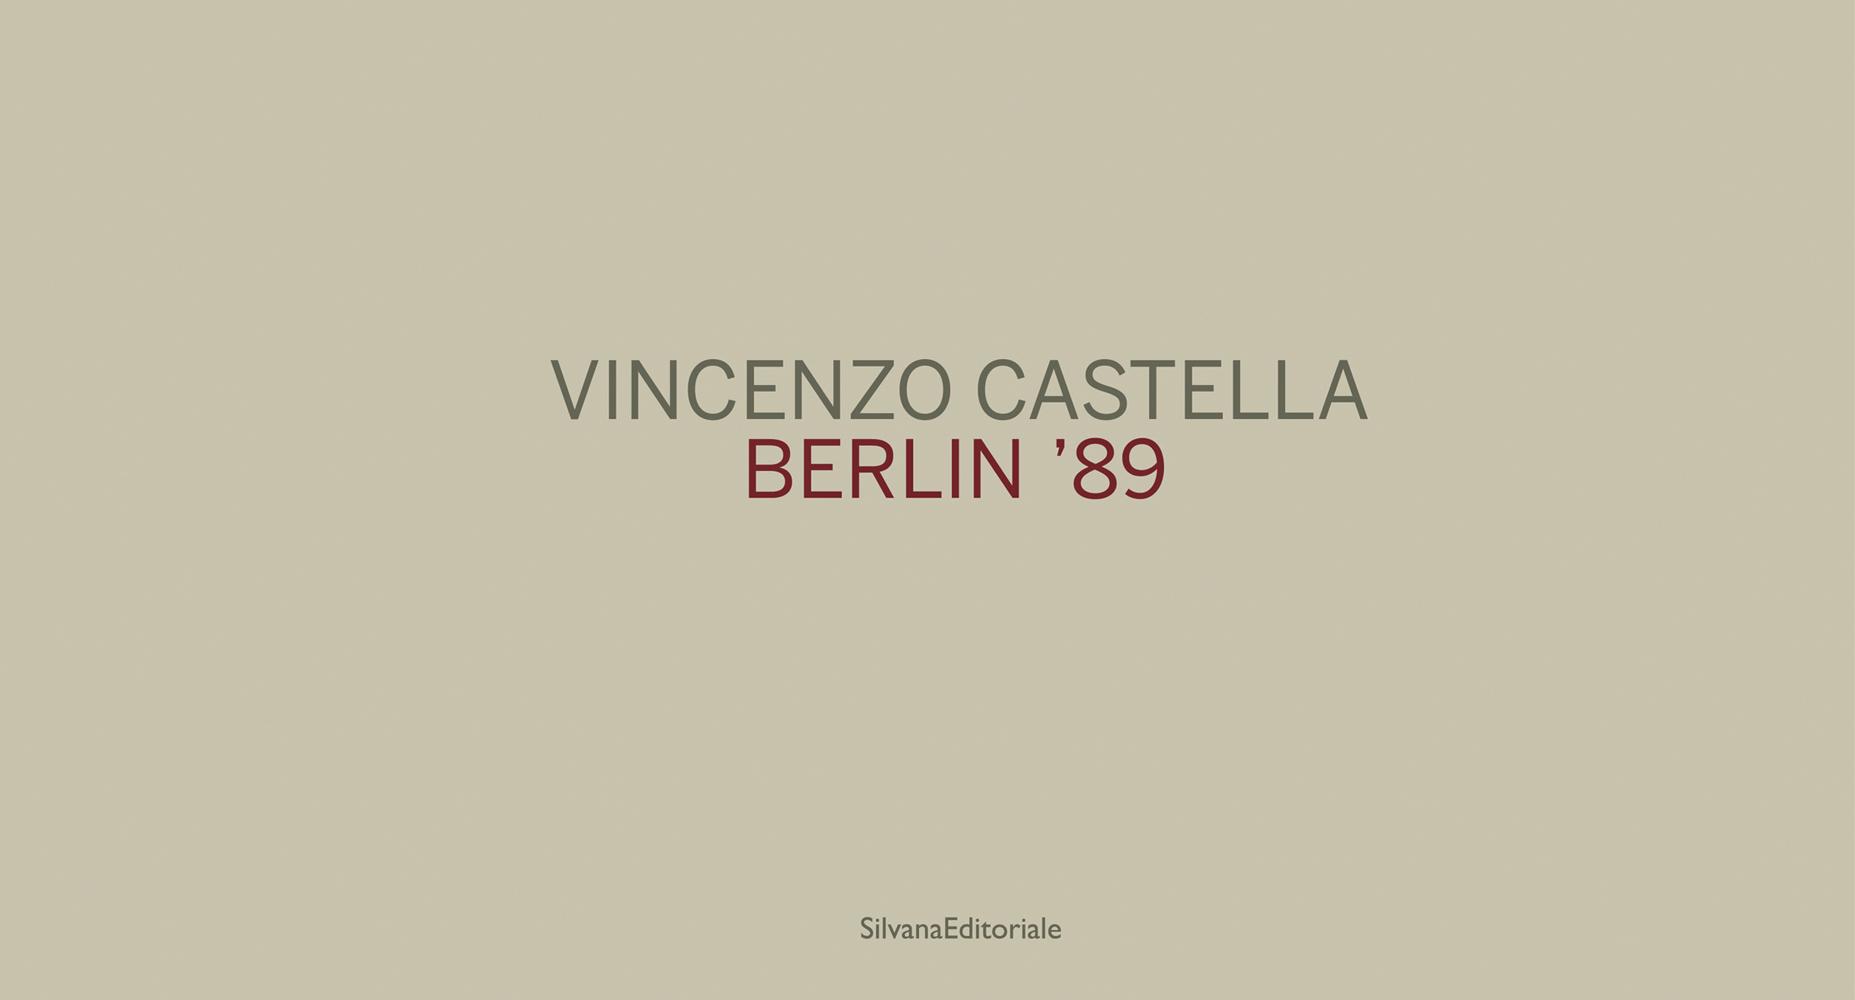 Vincenzo Castella